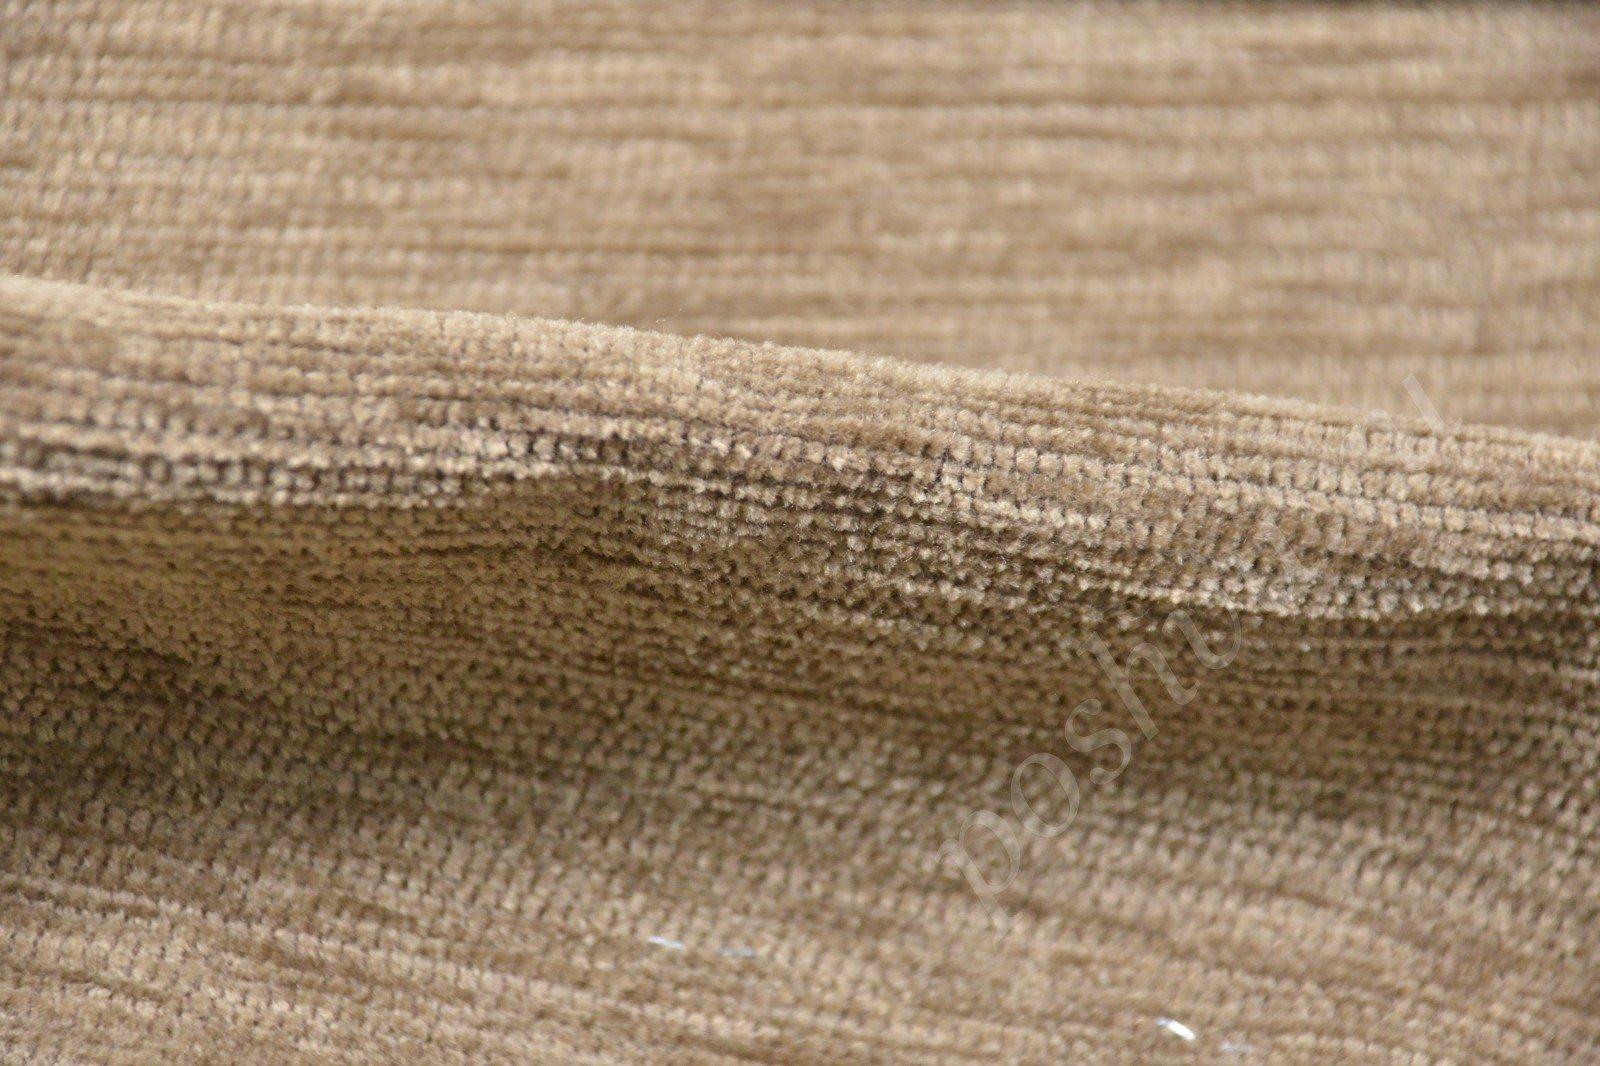 Материал для обшивки дивана: обивочная ткань, плюсы и минусы мебельной ткани, критерии выбора для в гостинной, кухни, детской и спальни